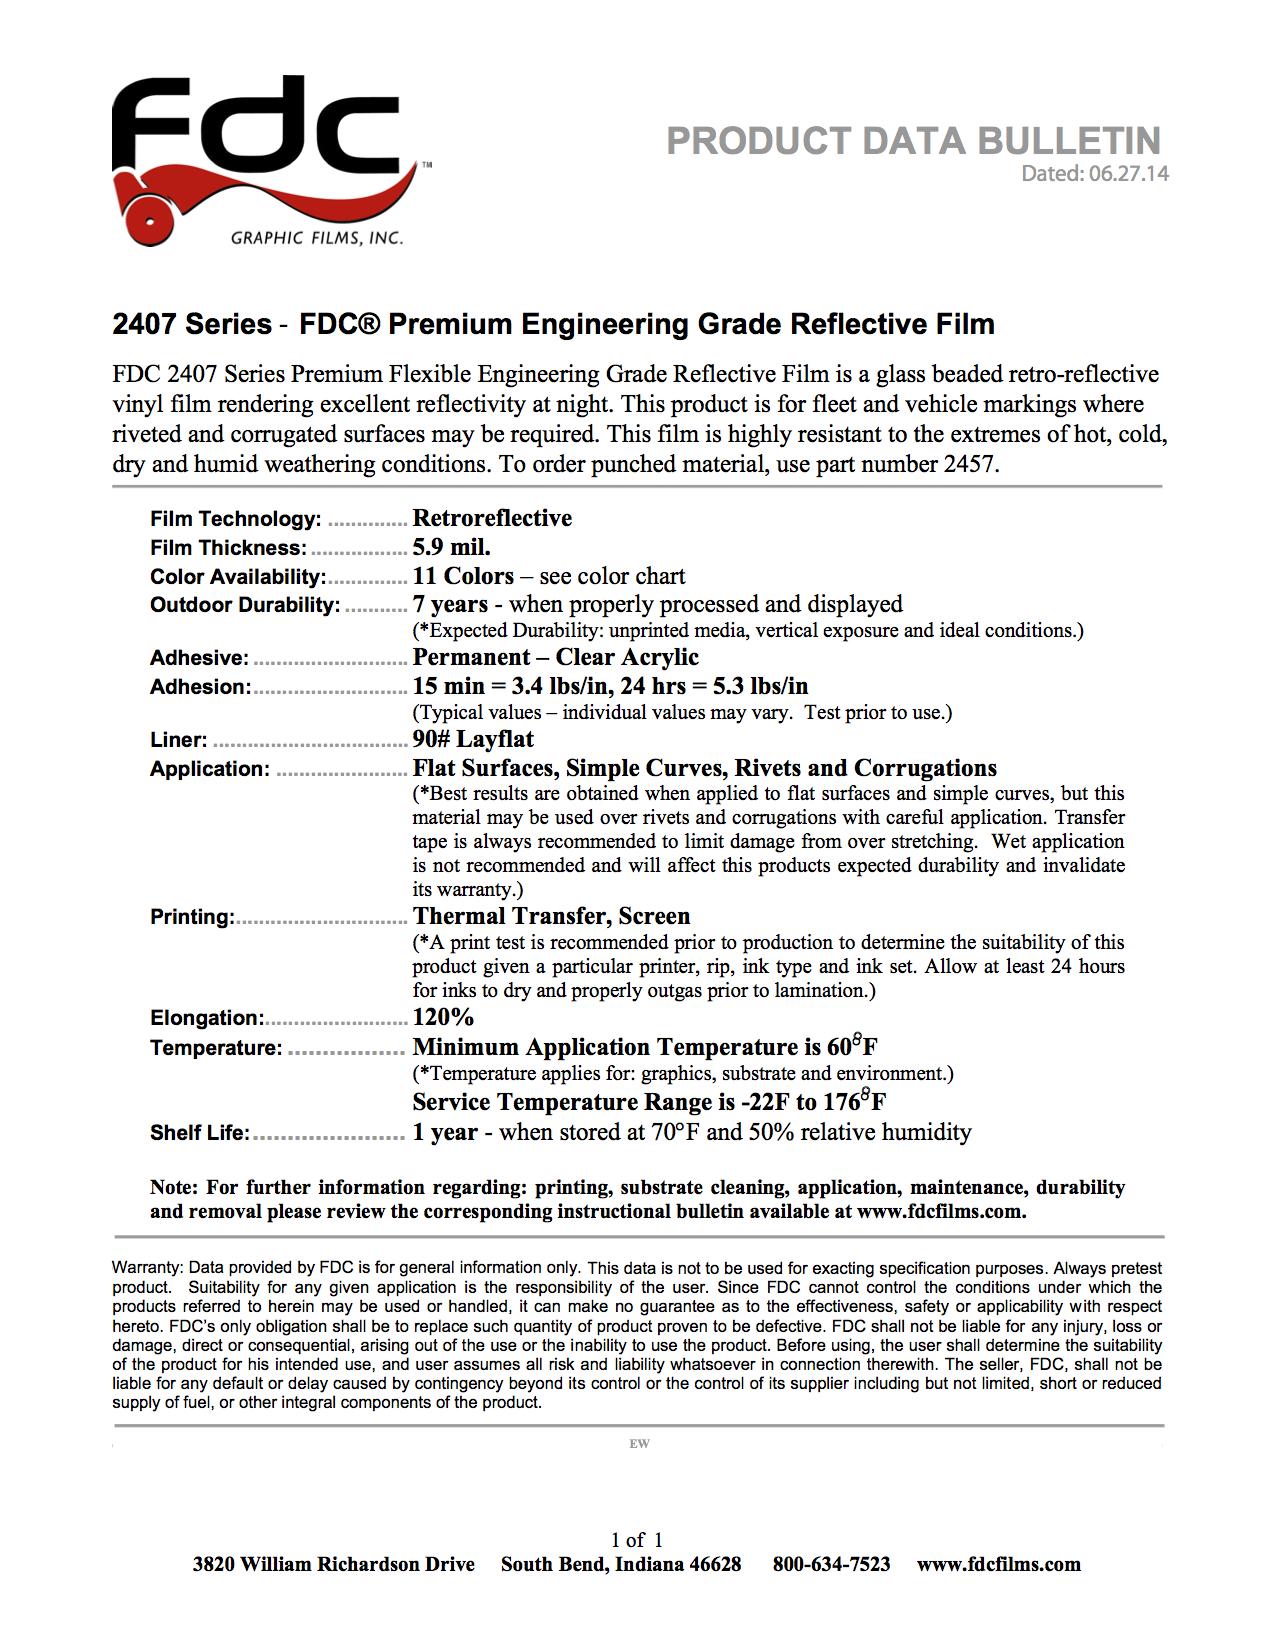 fdc2407 info.jpg